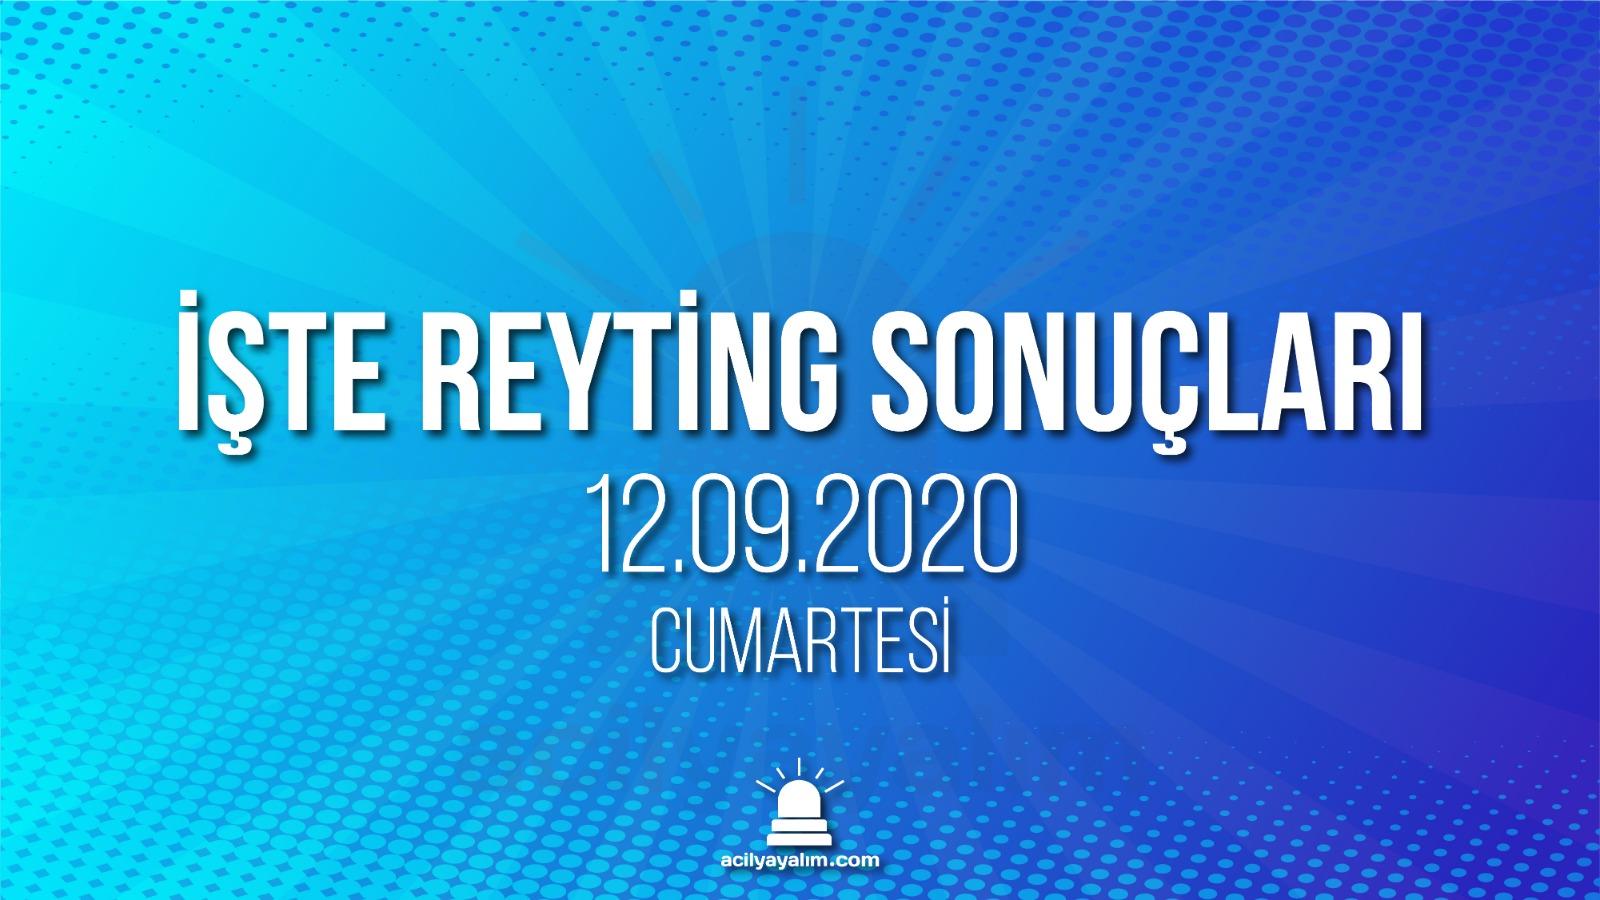 12 Ağustos 2020 Cumartesi reyting sonuçları